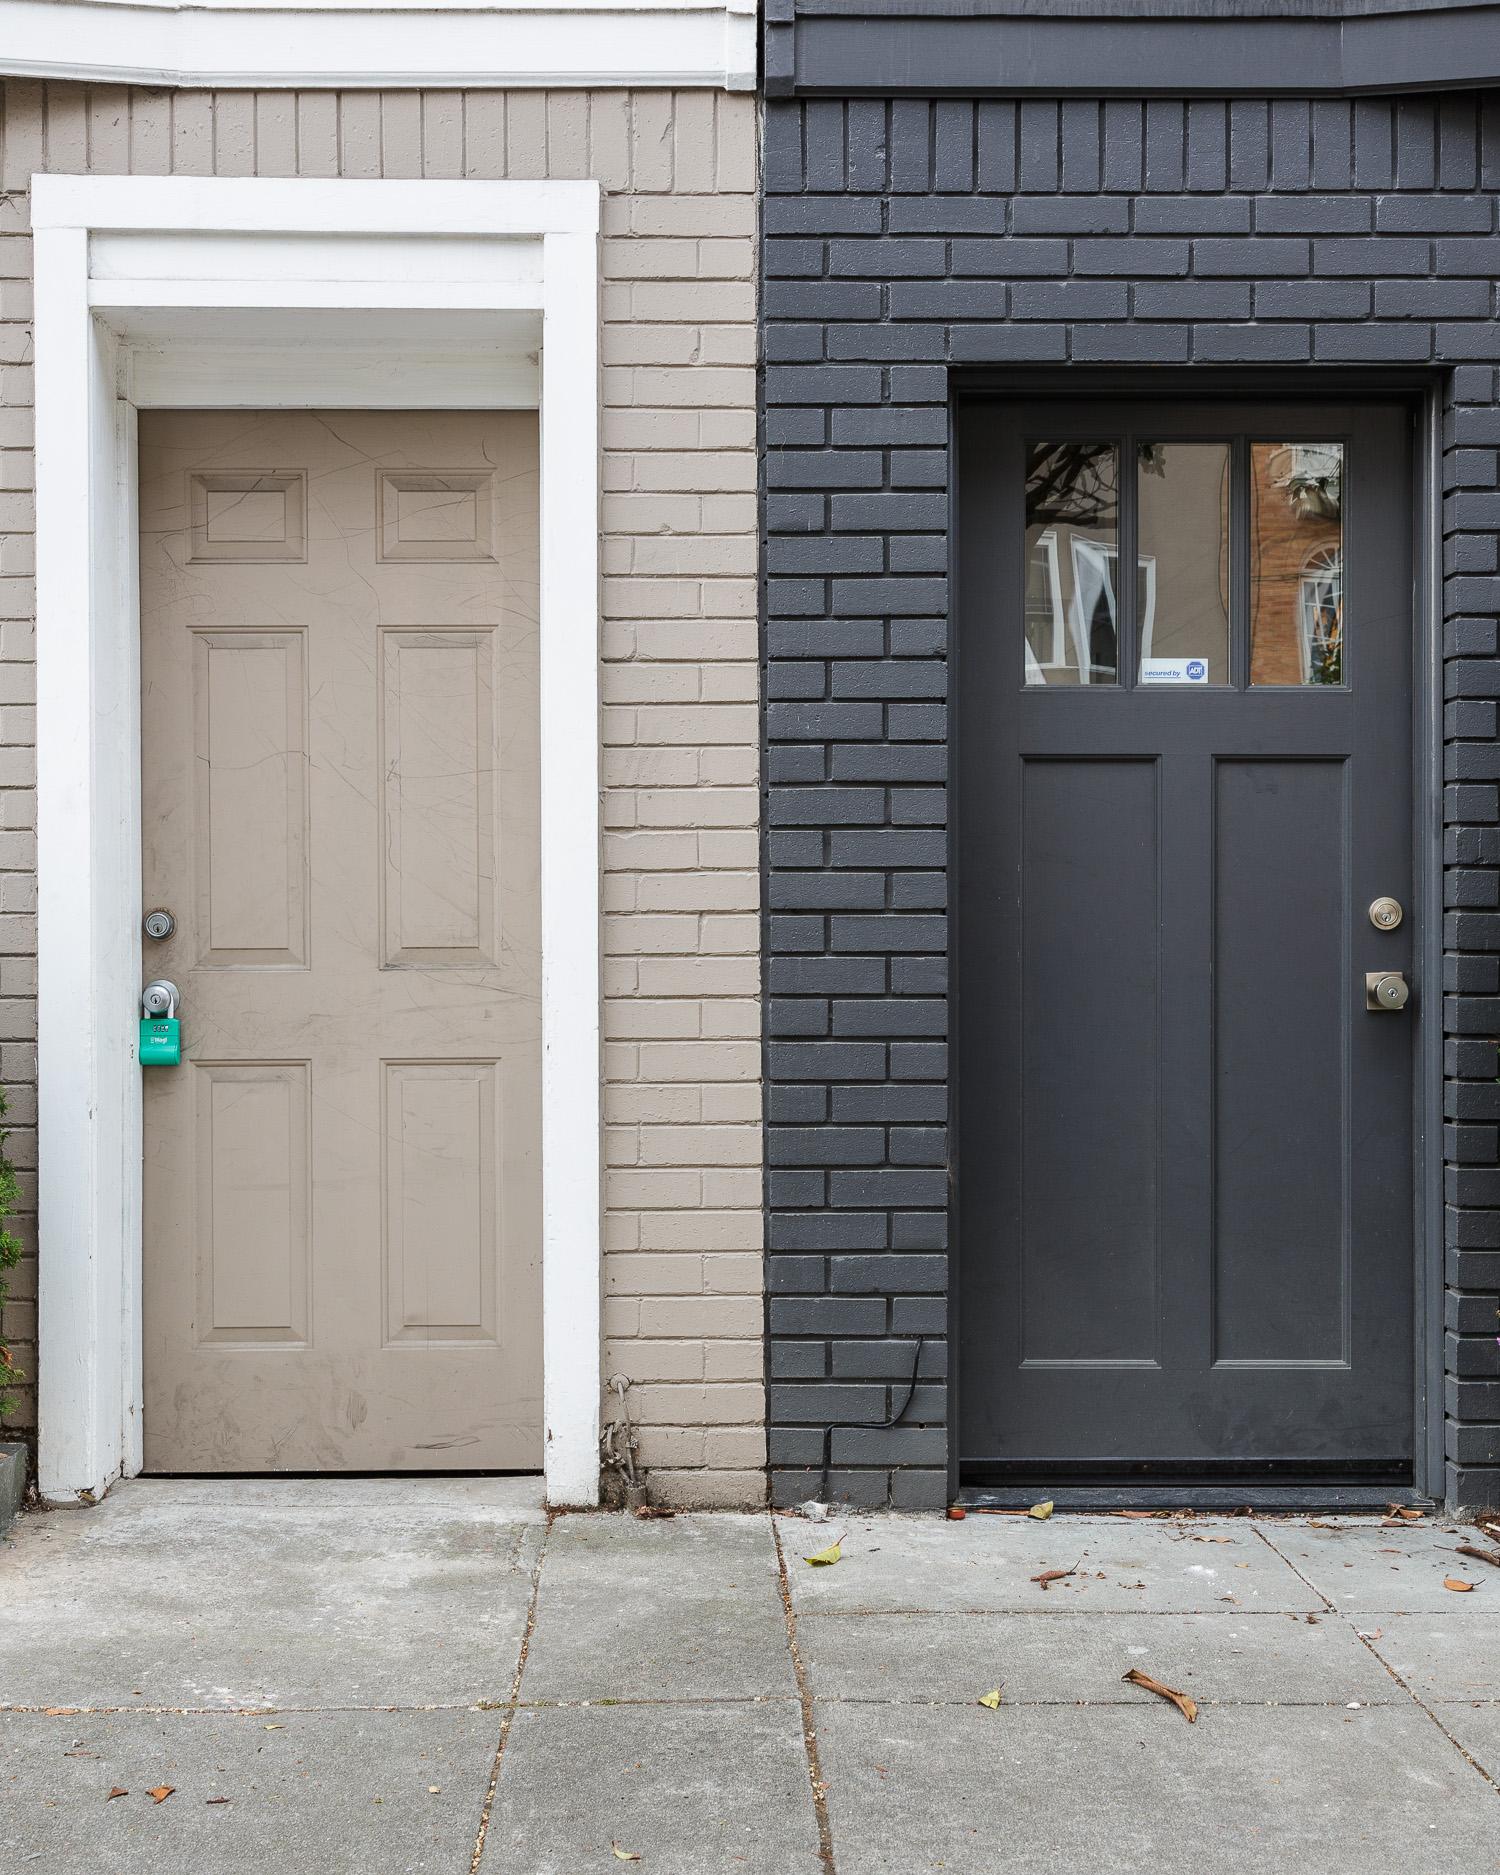 Doors__2018_10_17_187.jpg